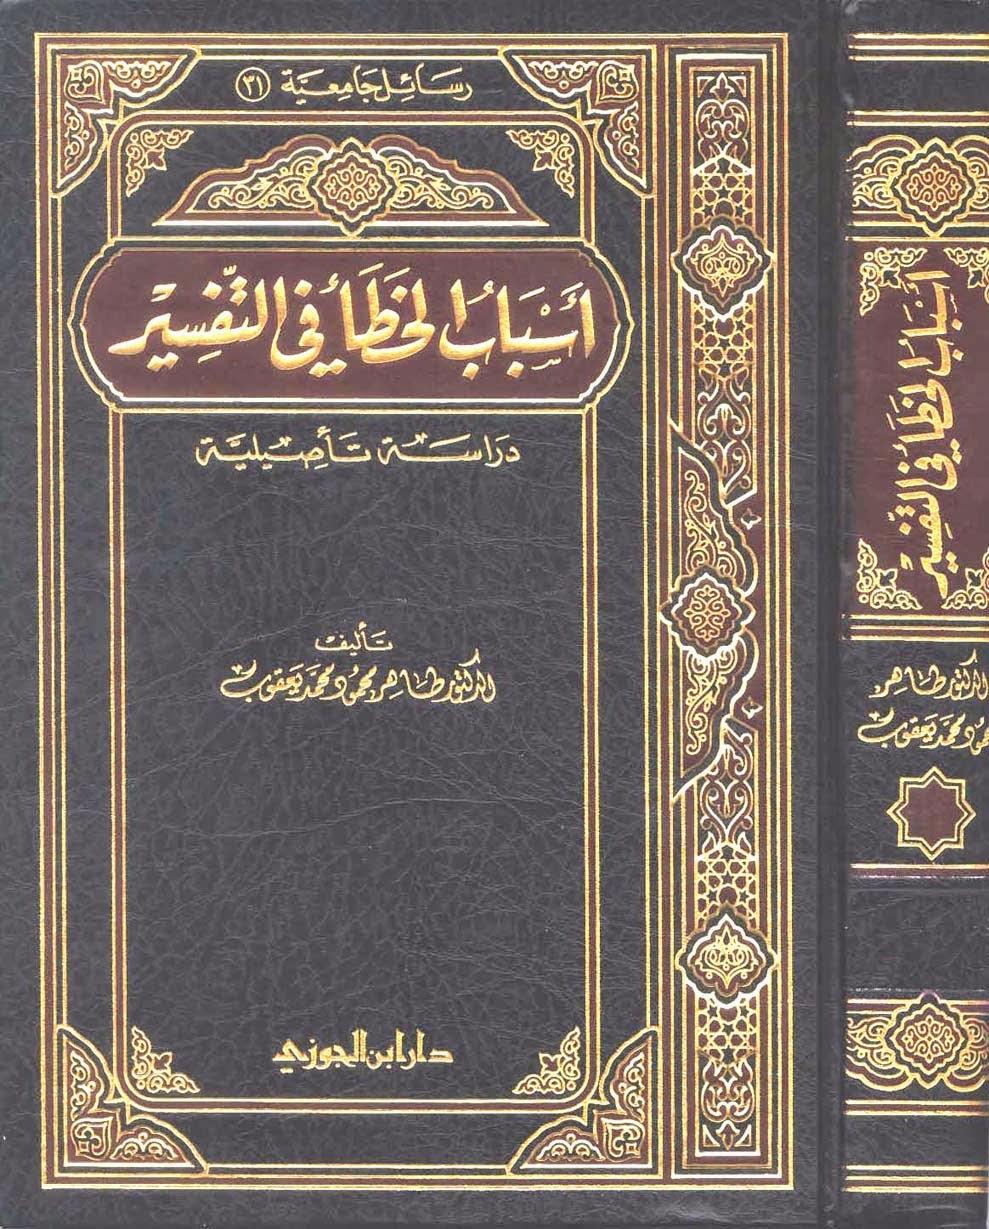 أسباب الخطأ في التفسير: دراسة تأصيلية - طاهر يعقوب pdf